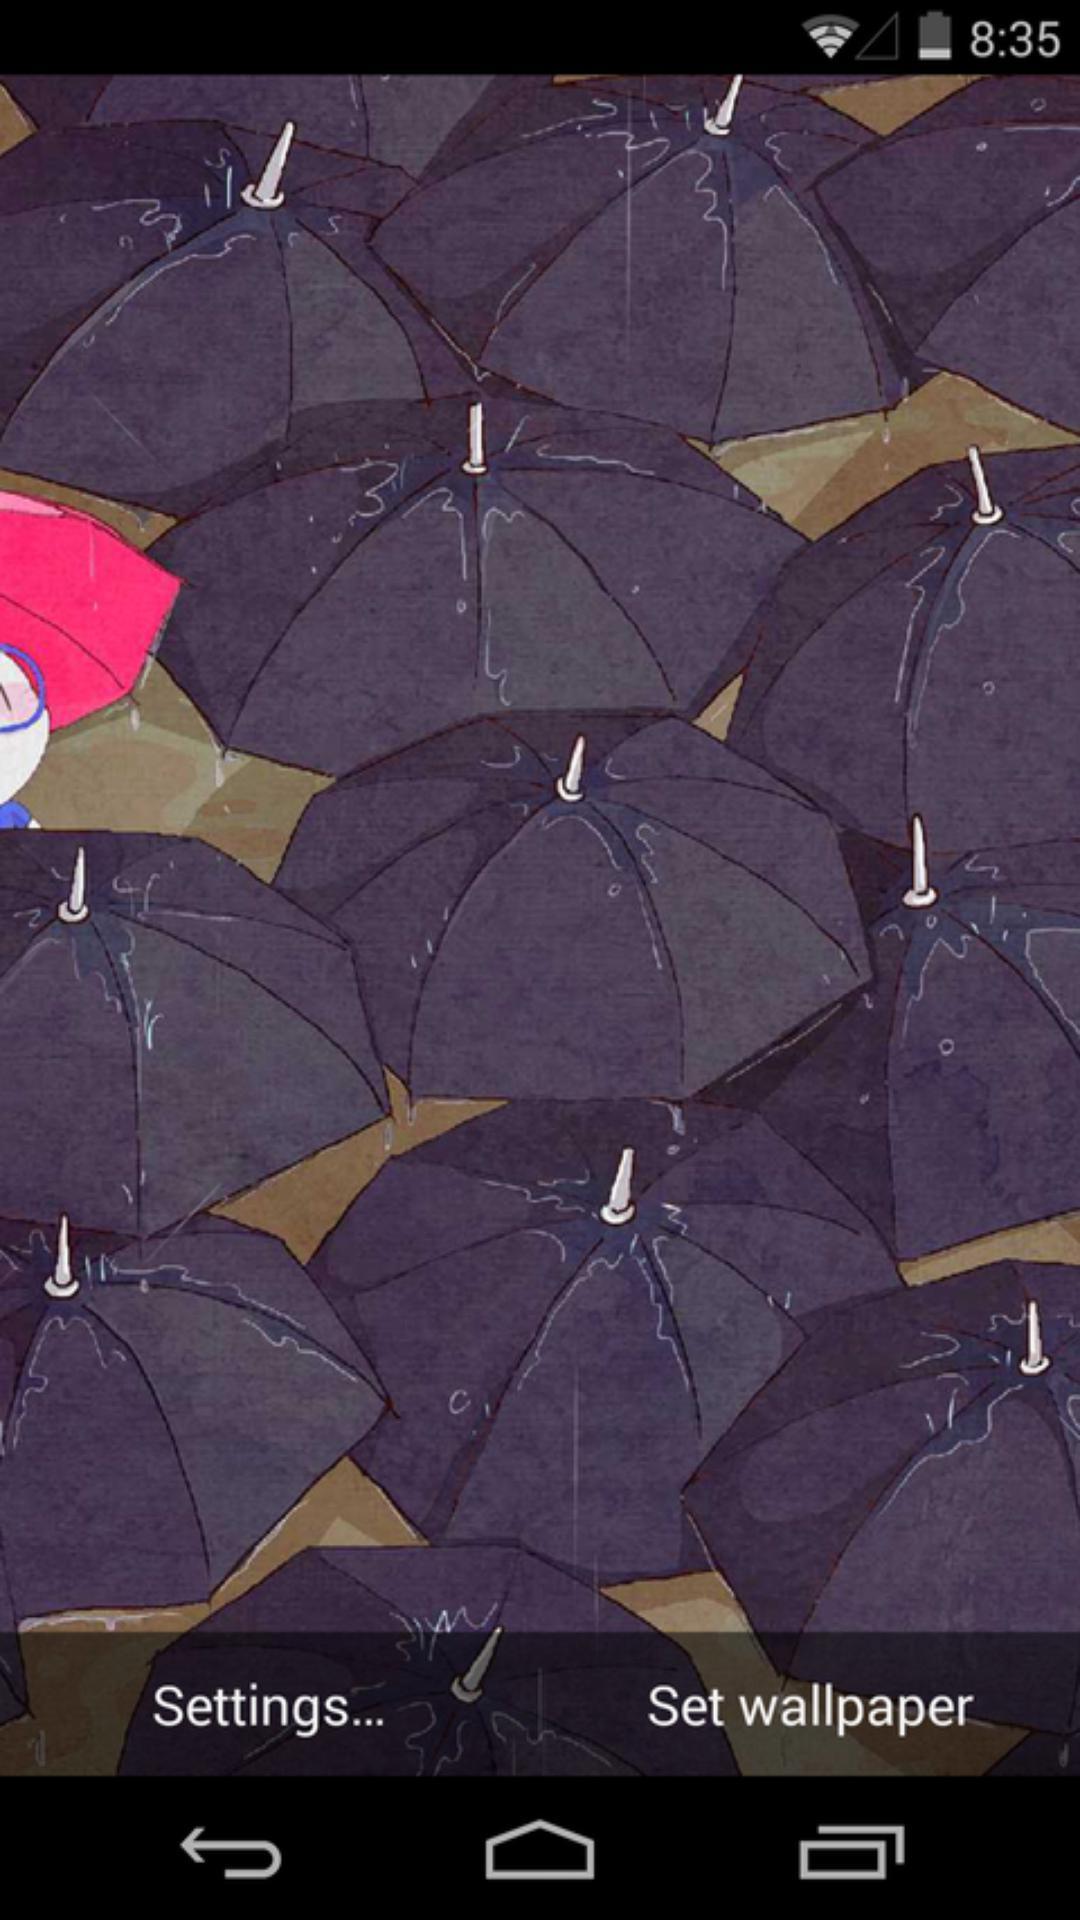 下雨天-梦象动态壁纸